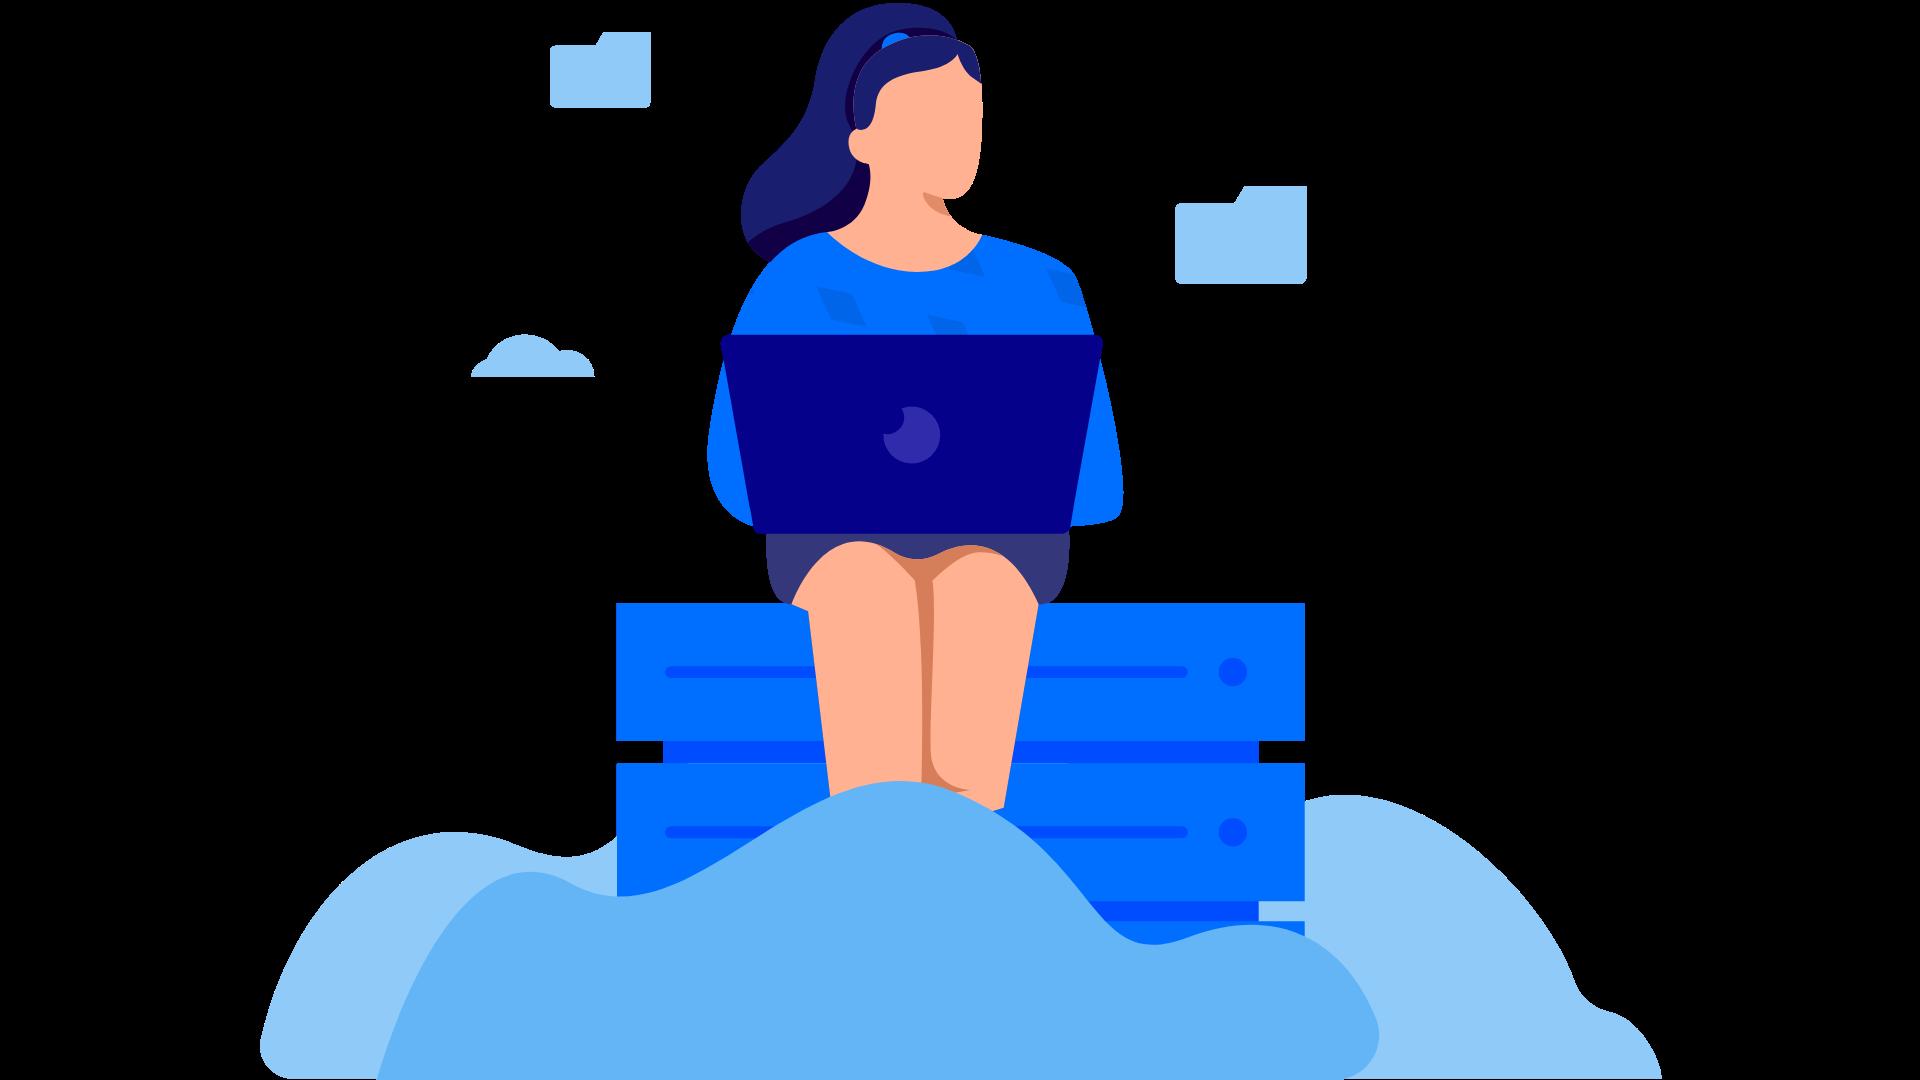 Mulher trabalhando na nuvem